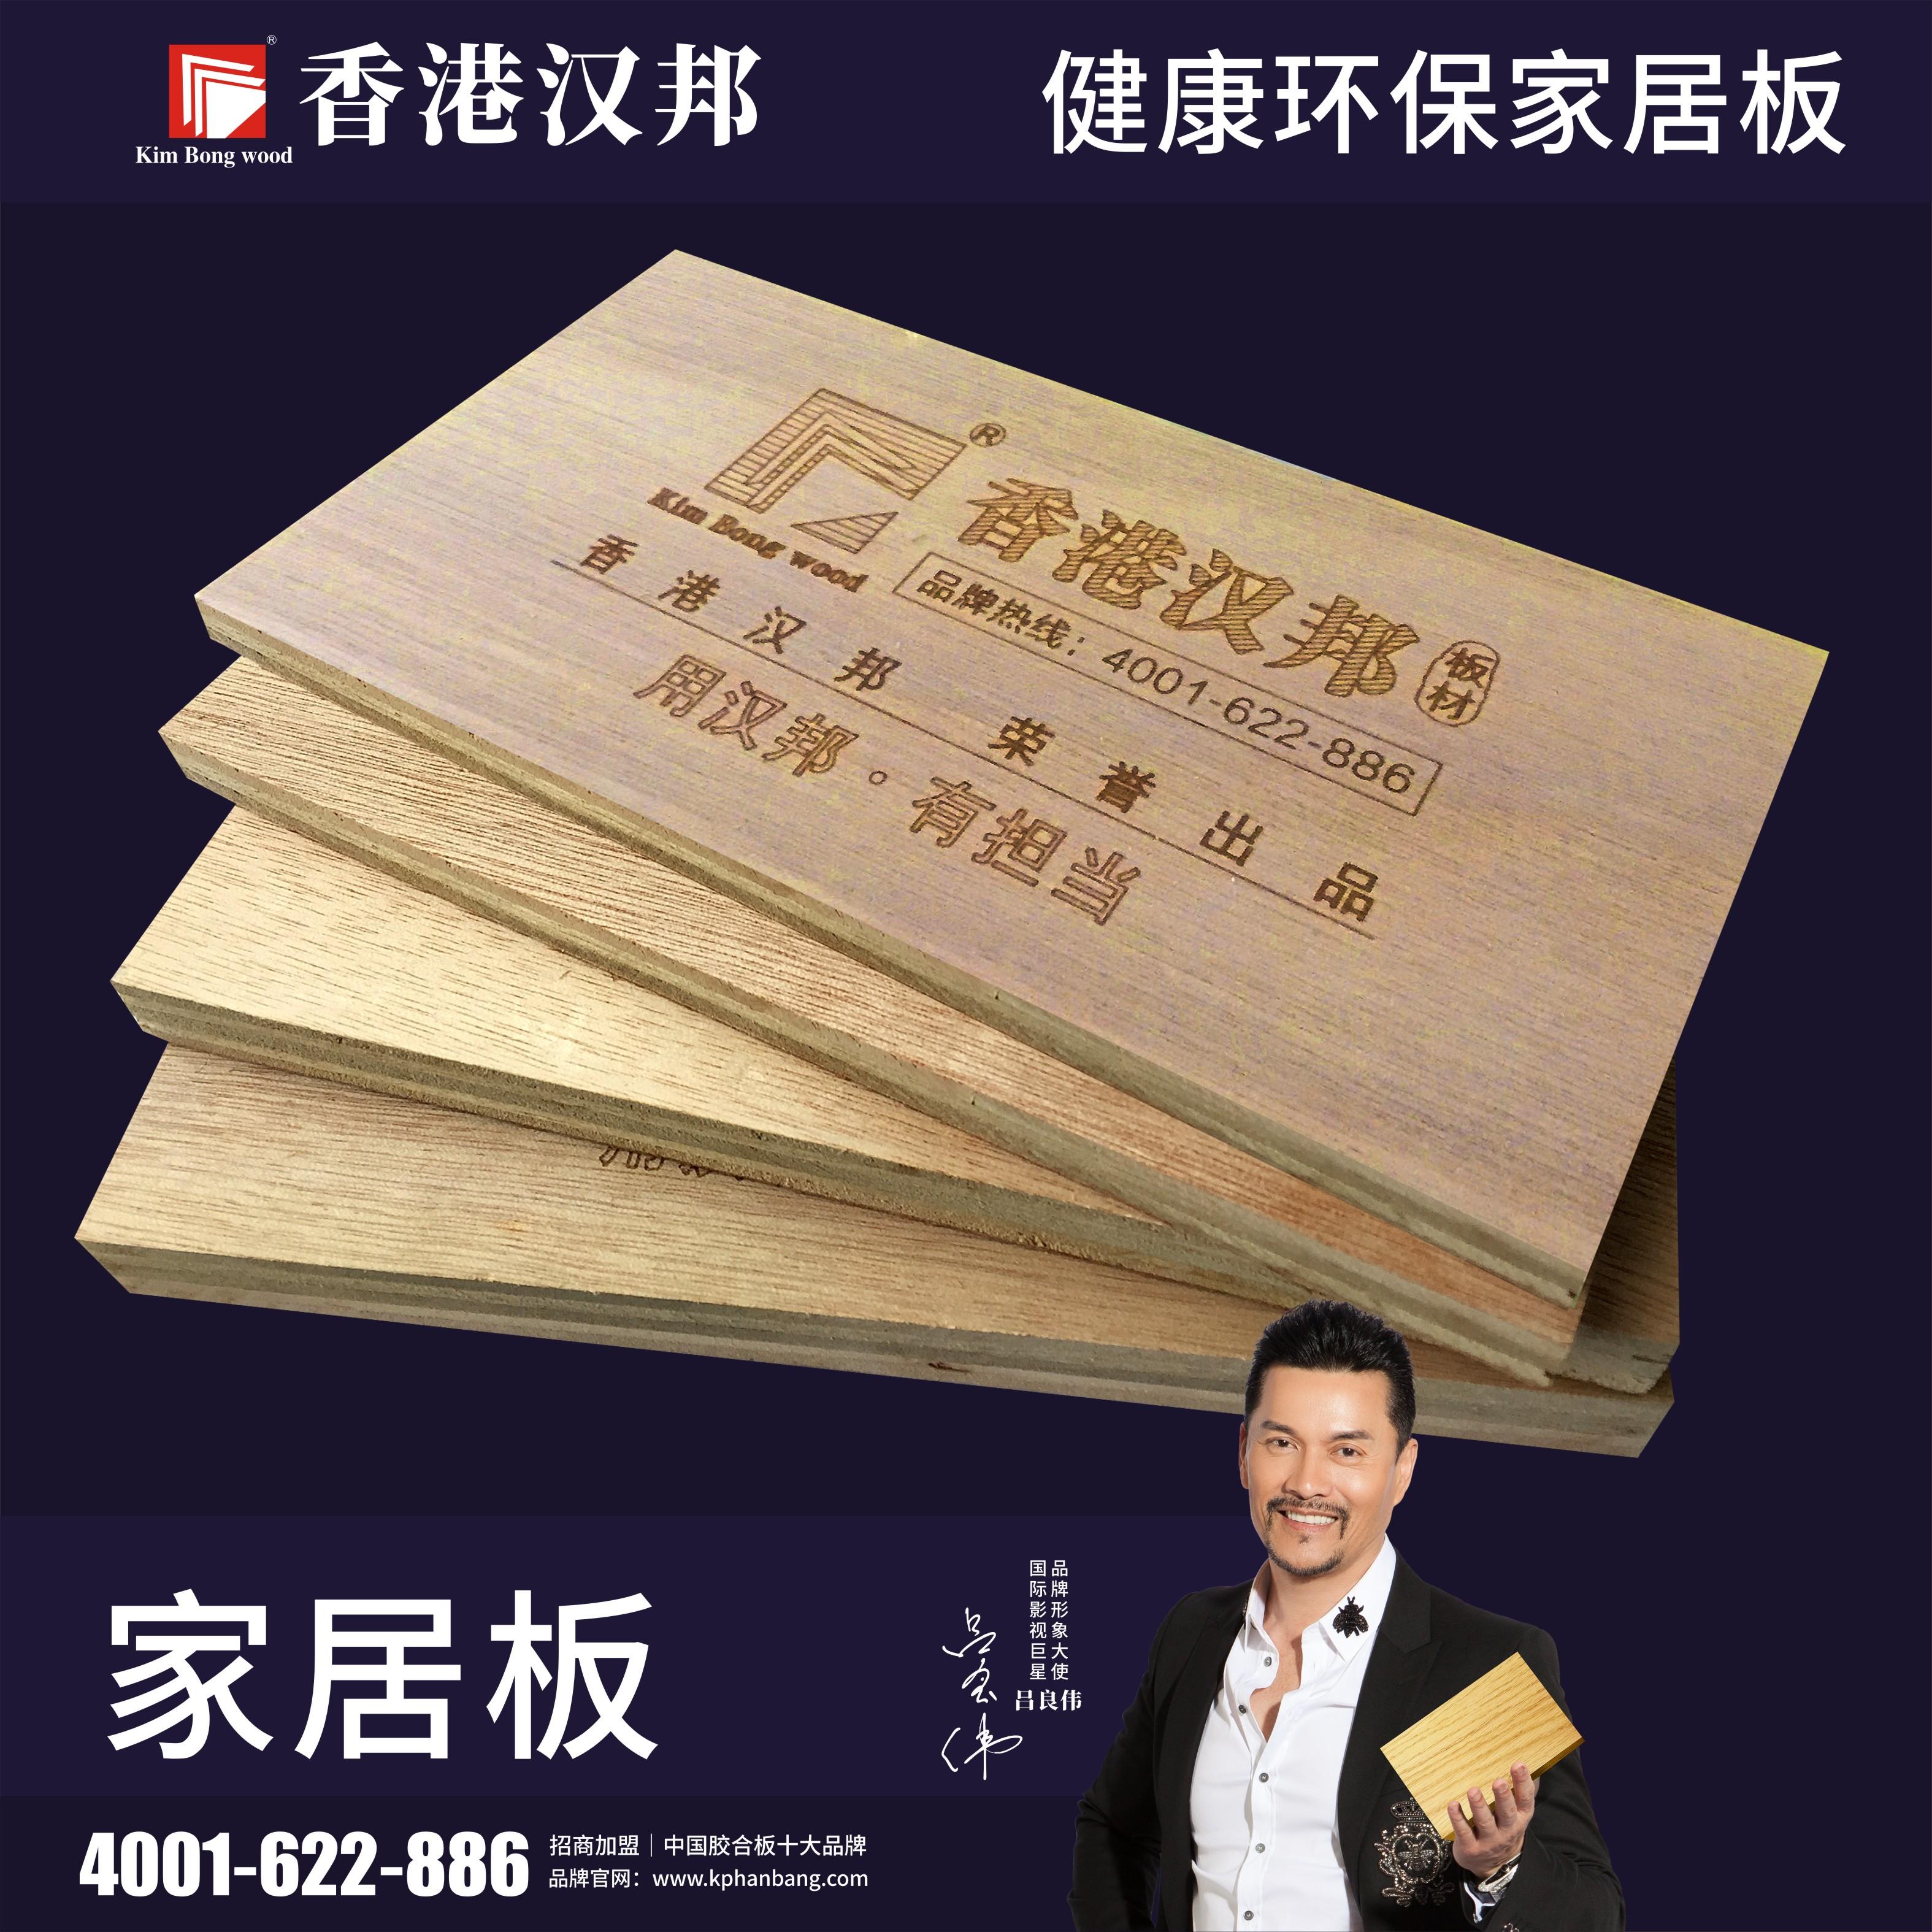 十大生态板排行榜_中国板材阻燃板